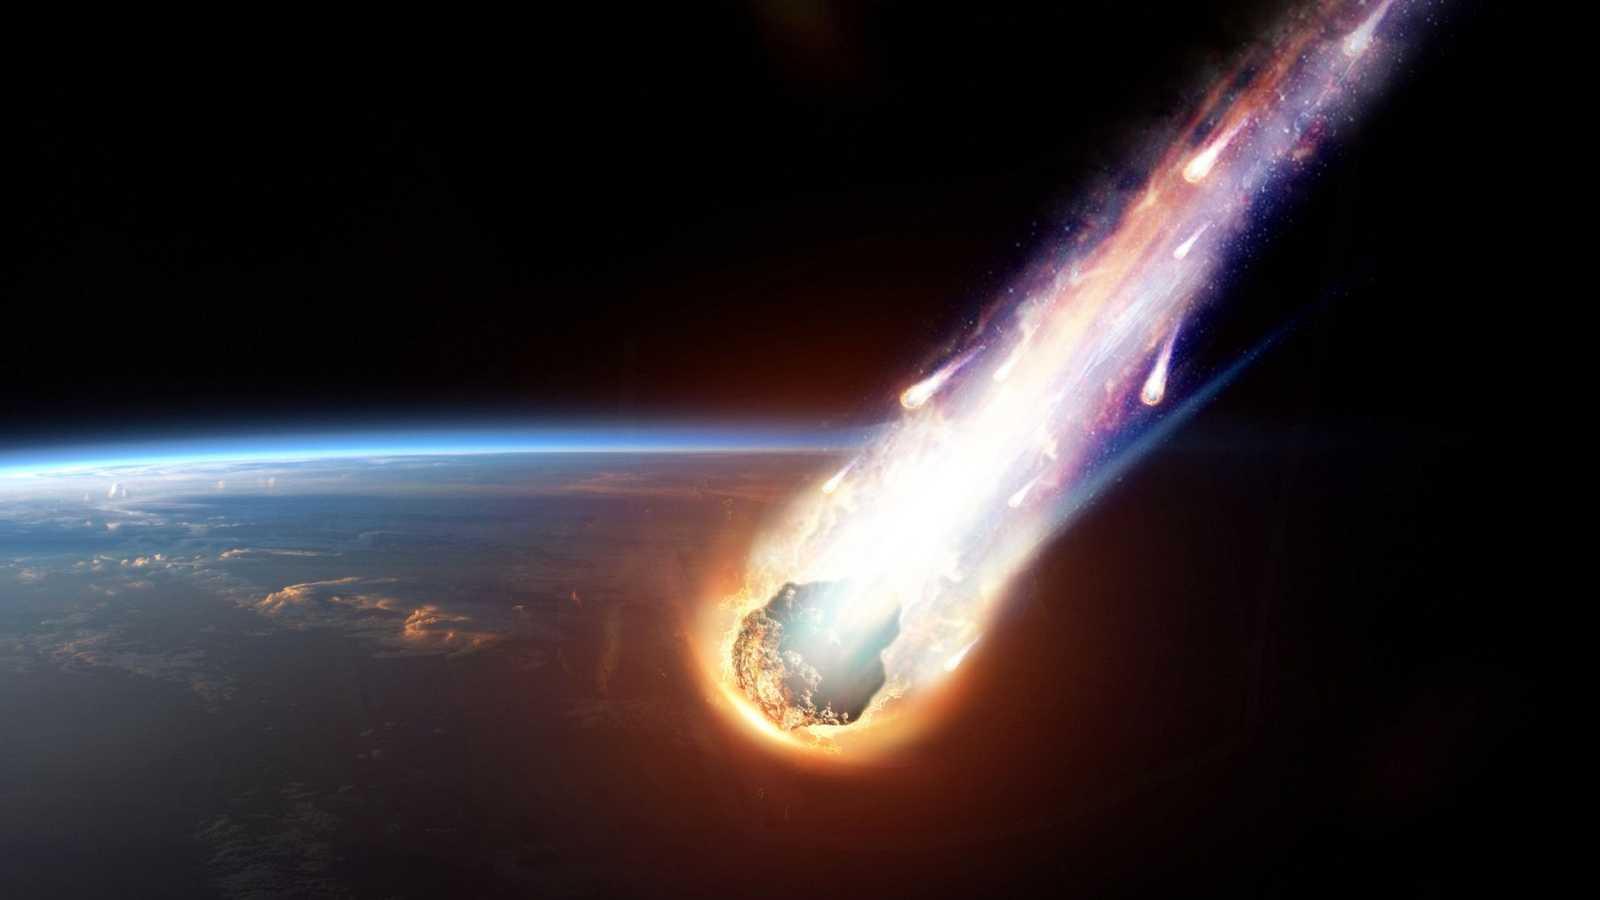 Una roca de un asteroide impacta contra la atmósfera y genera una gran bola de fuego tan brillante como la luna llena